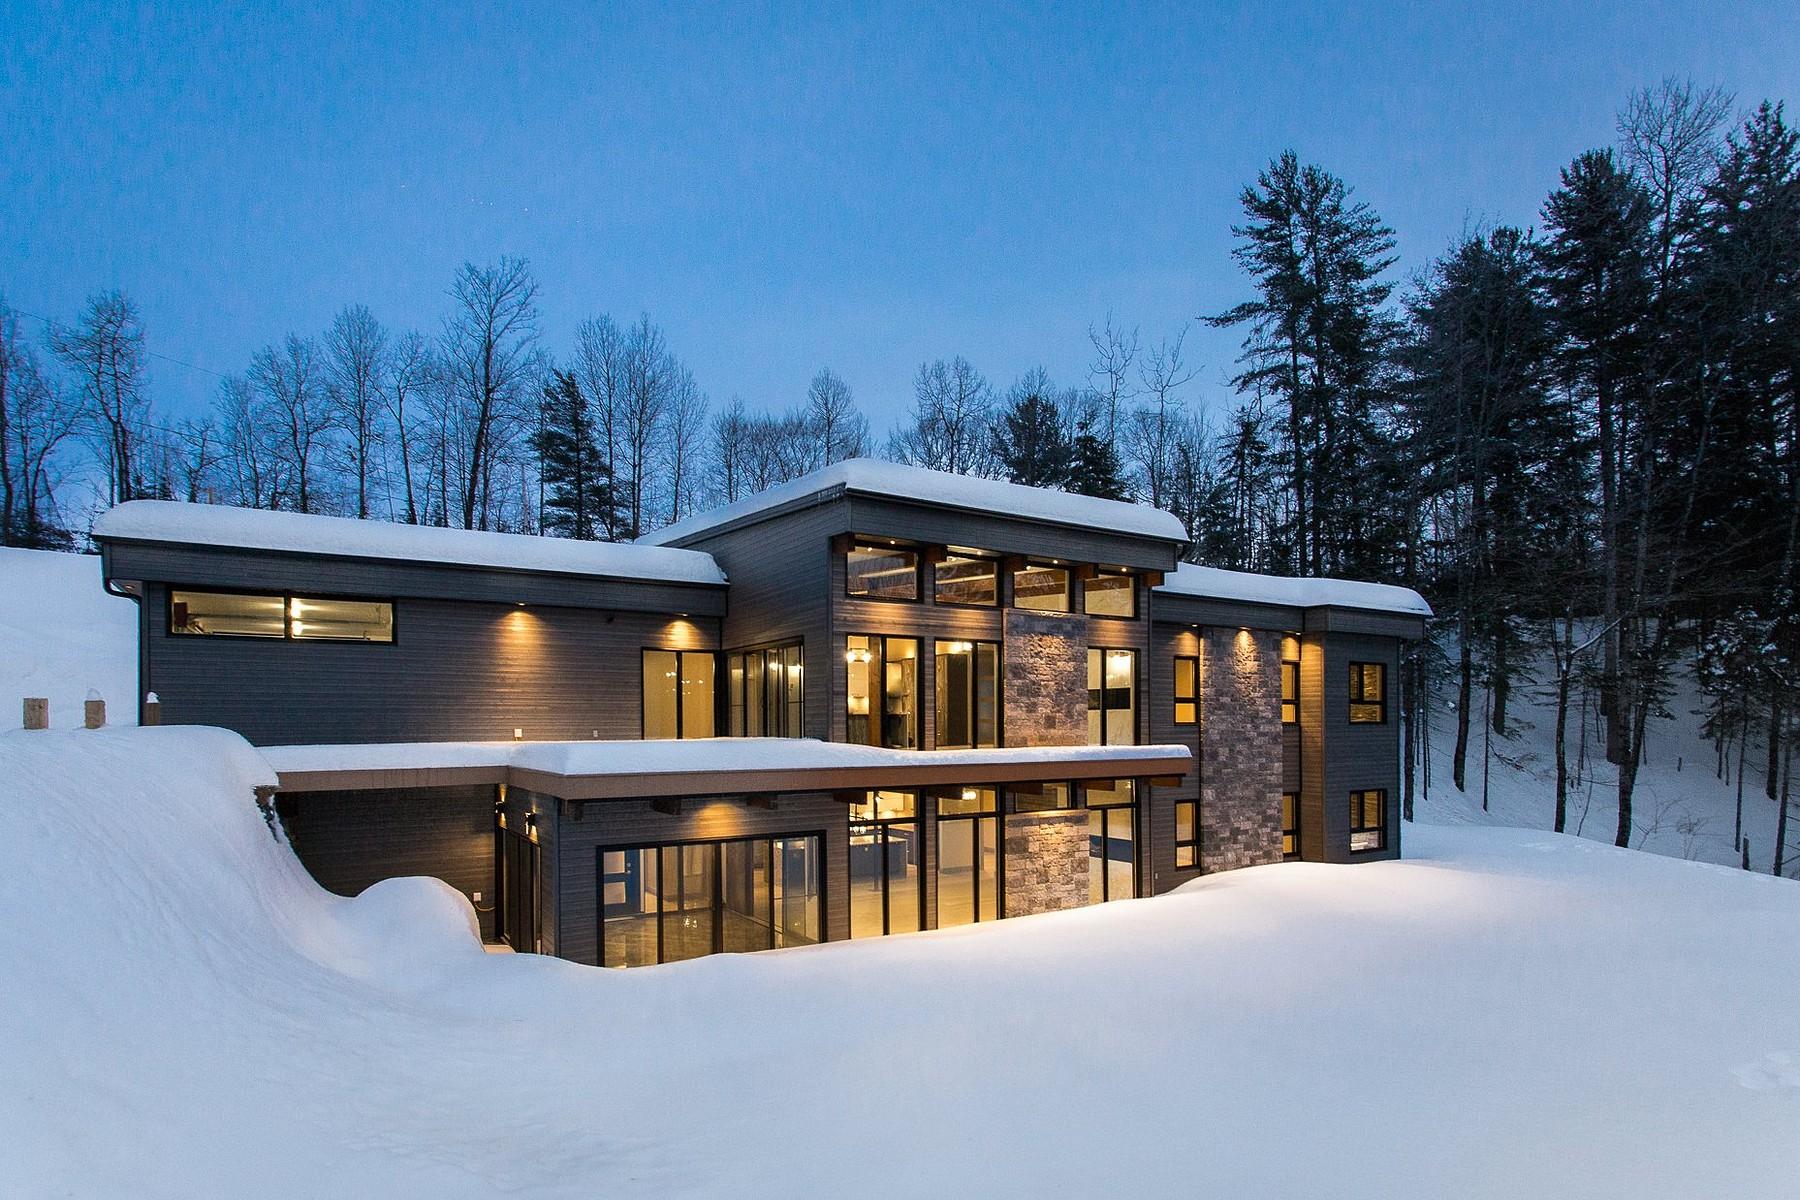 独户住宅 为 销售 在 Rawdon, Lanaudière 3977 Rue des Cardinaux, Rawdon, 魁北克省, J0K1S0 加拿大